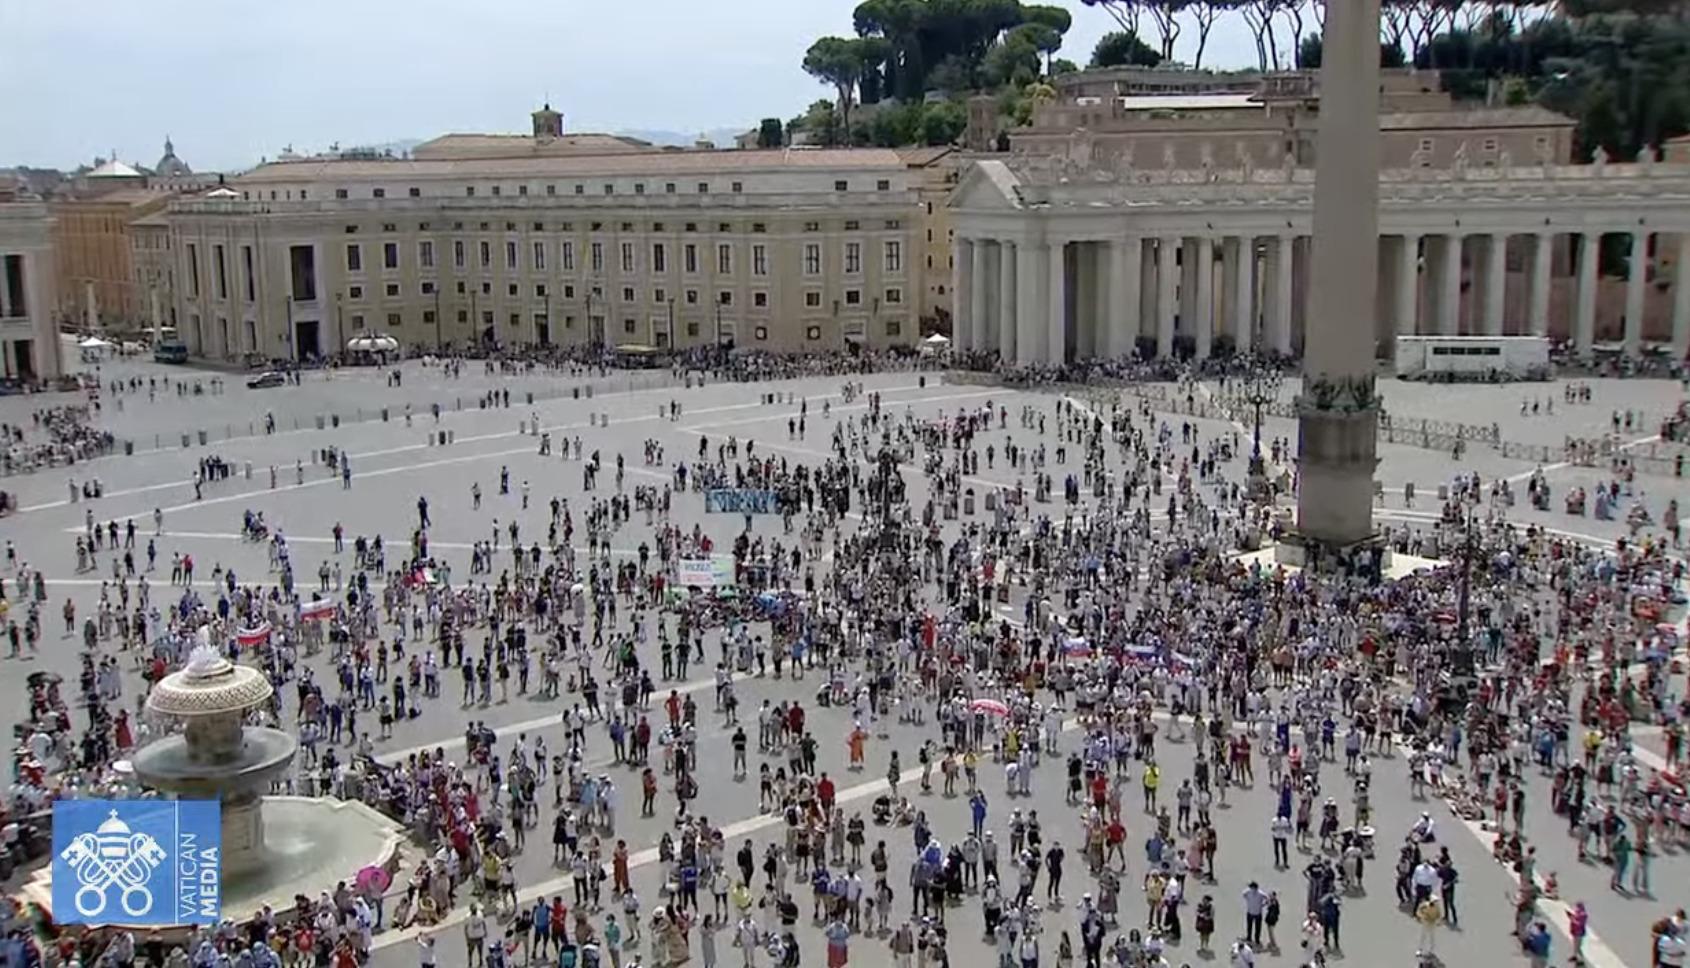 Angélus du 4 juillet 2021, capture Vatican Media